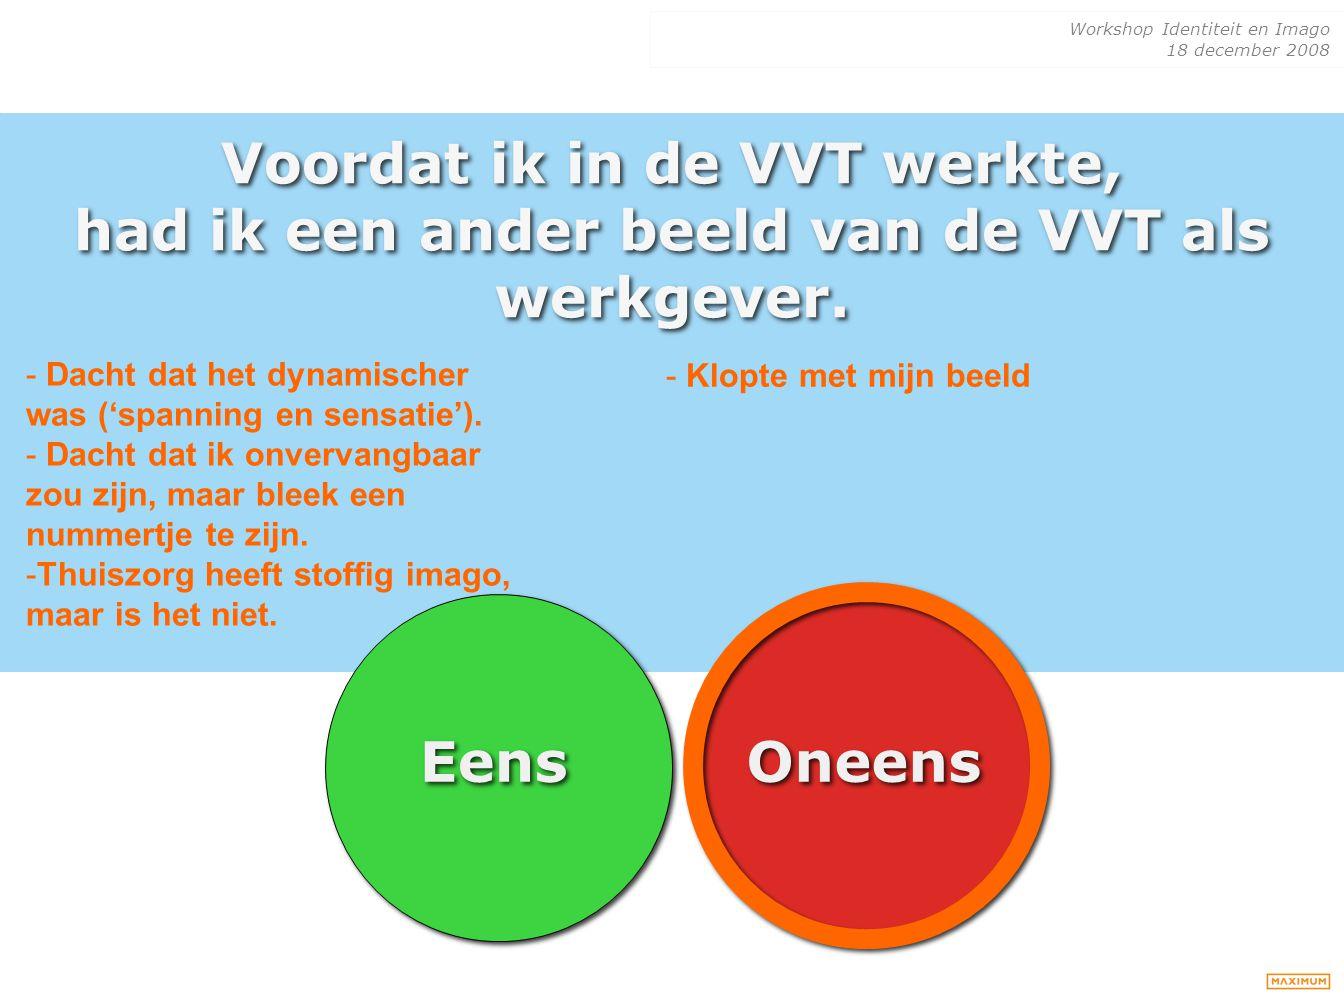 Voordat ik in de VVT werkte, had ik een ander beeld van de VVT als werkgever.